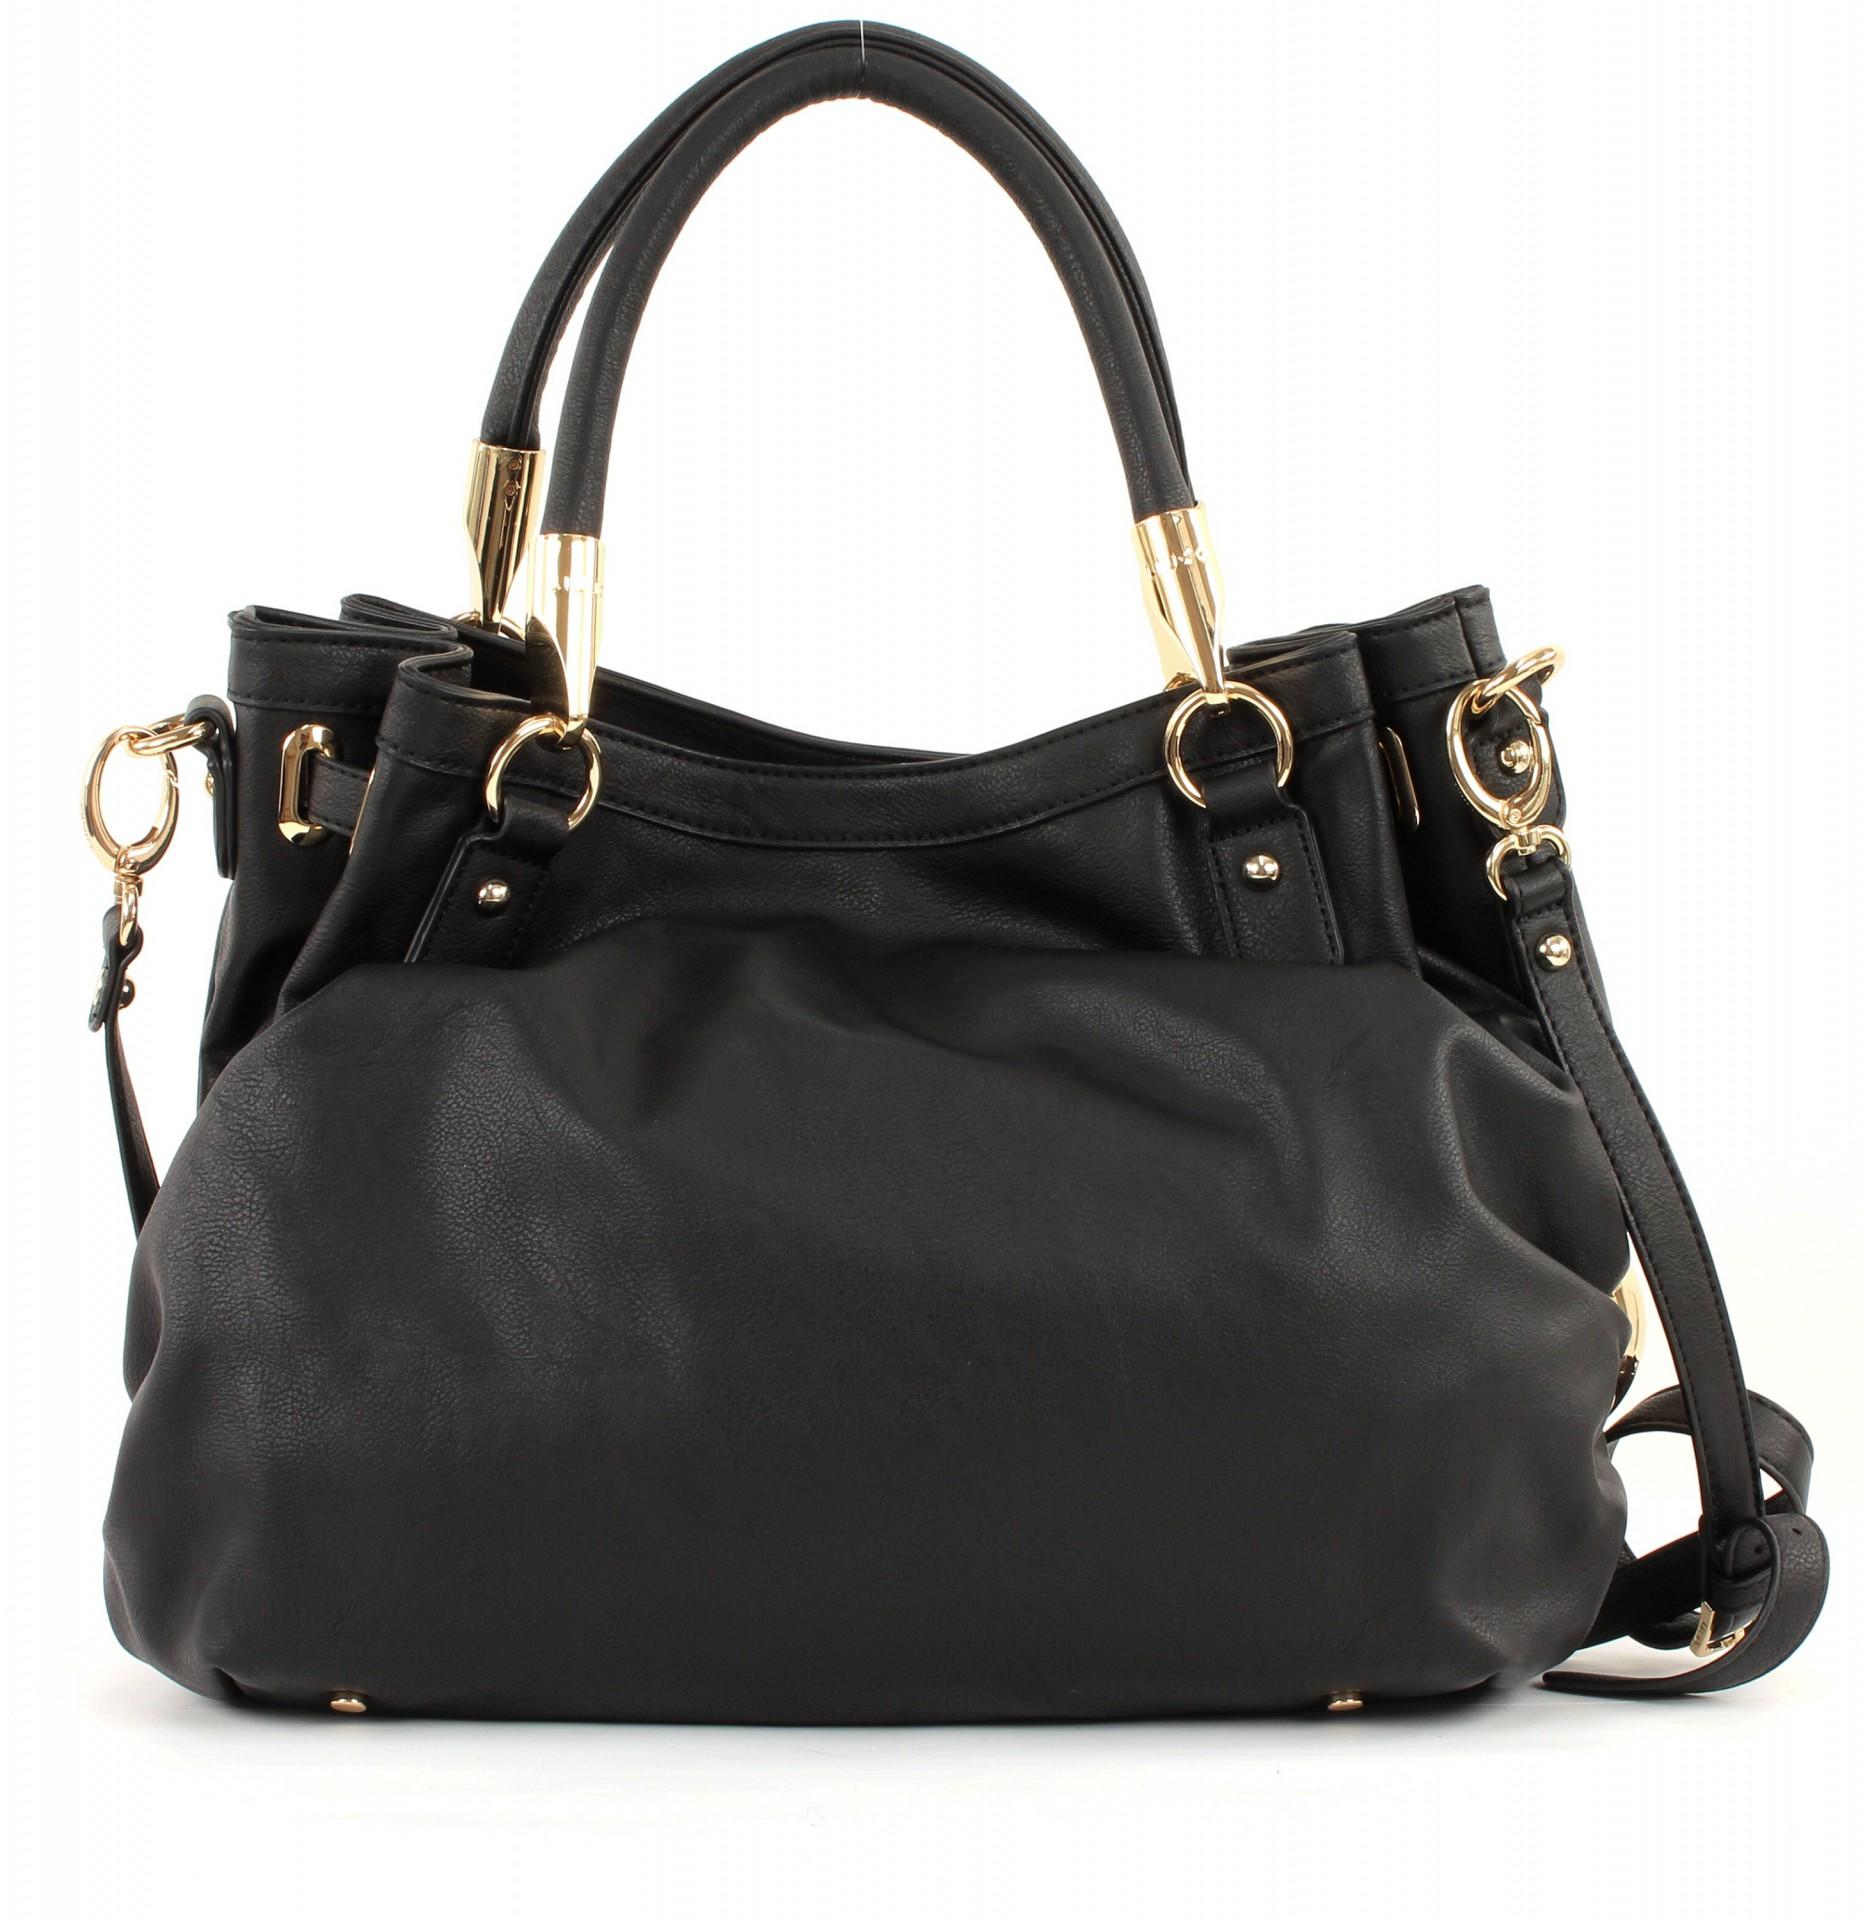 liu jo amelie shopping m eine handtasche mit eleganten details. Black Bedroom Furniture Sets. Home Design Ideas